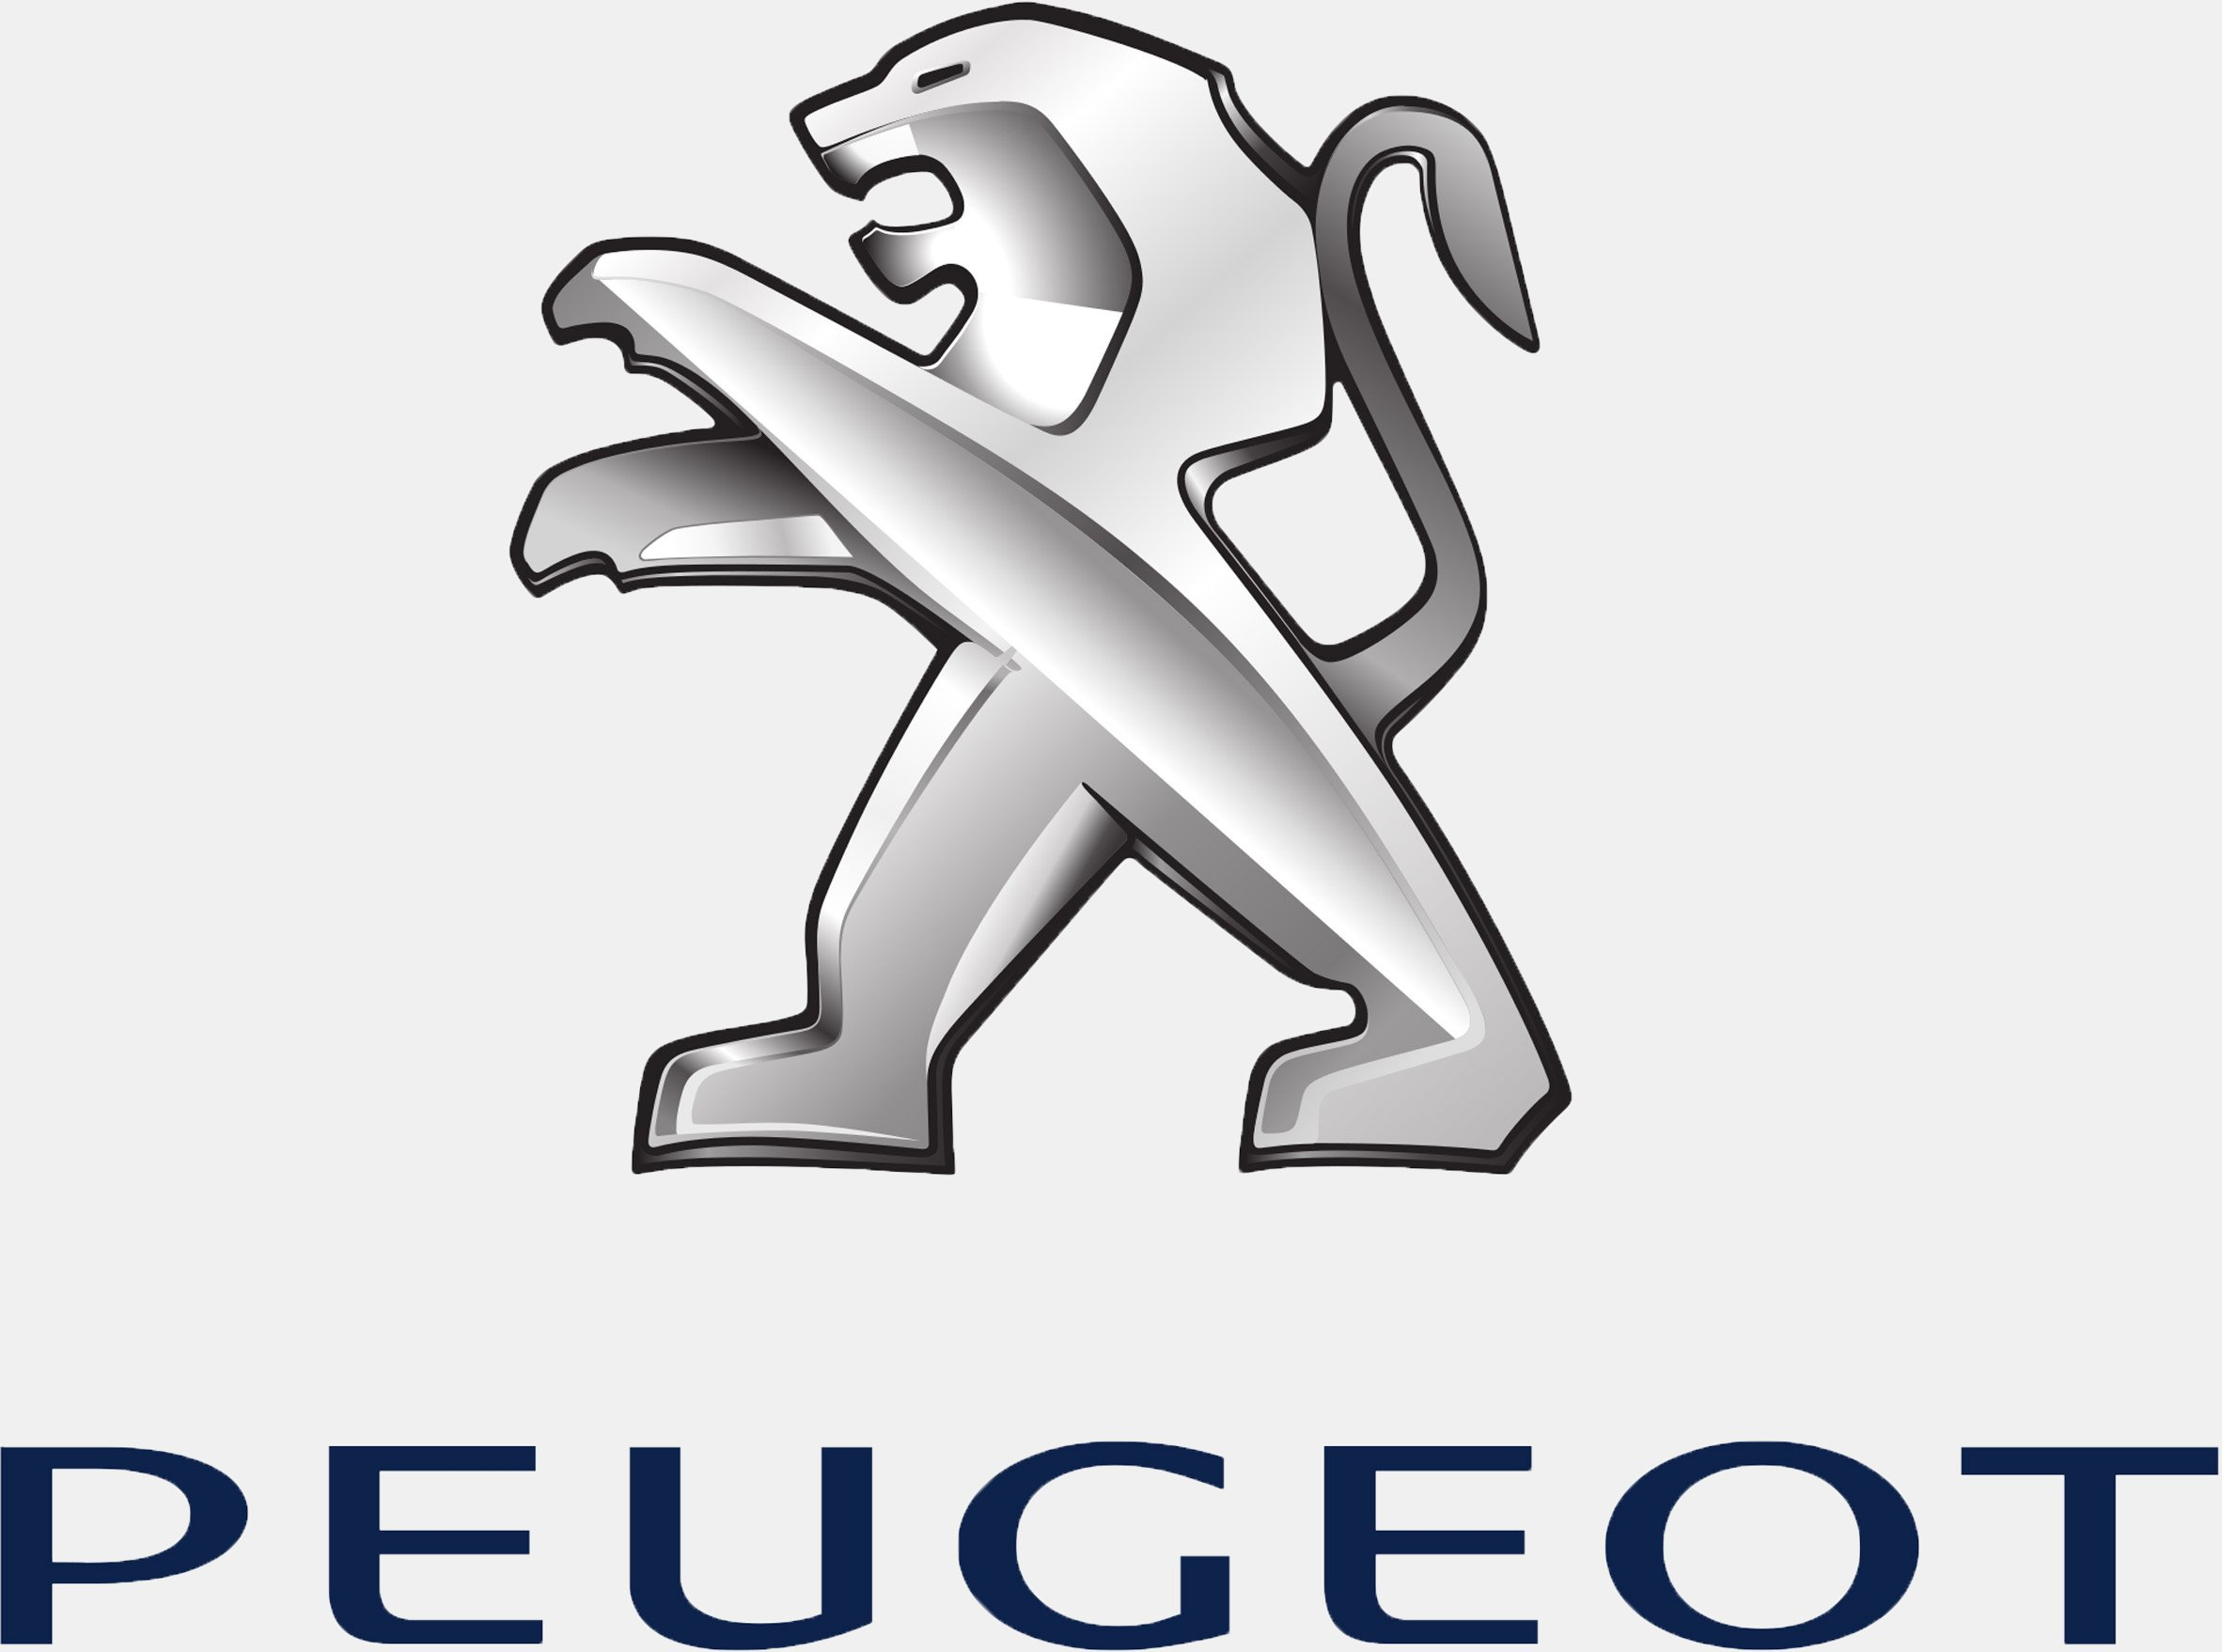 Peugeot old logo